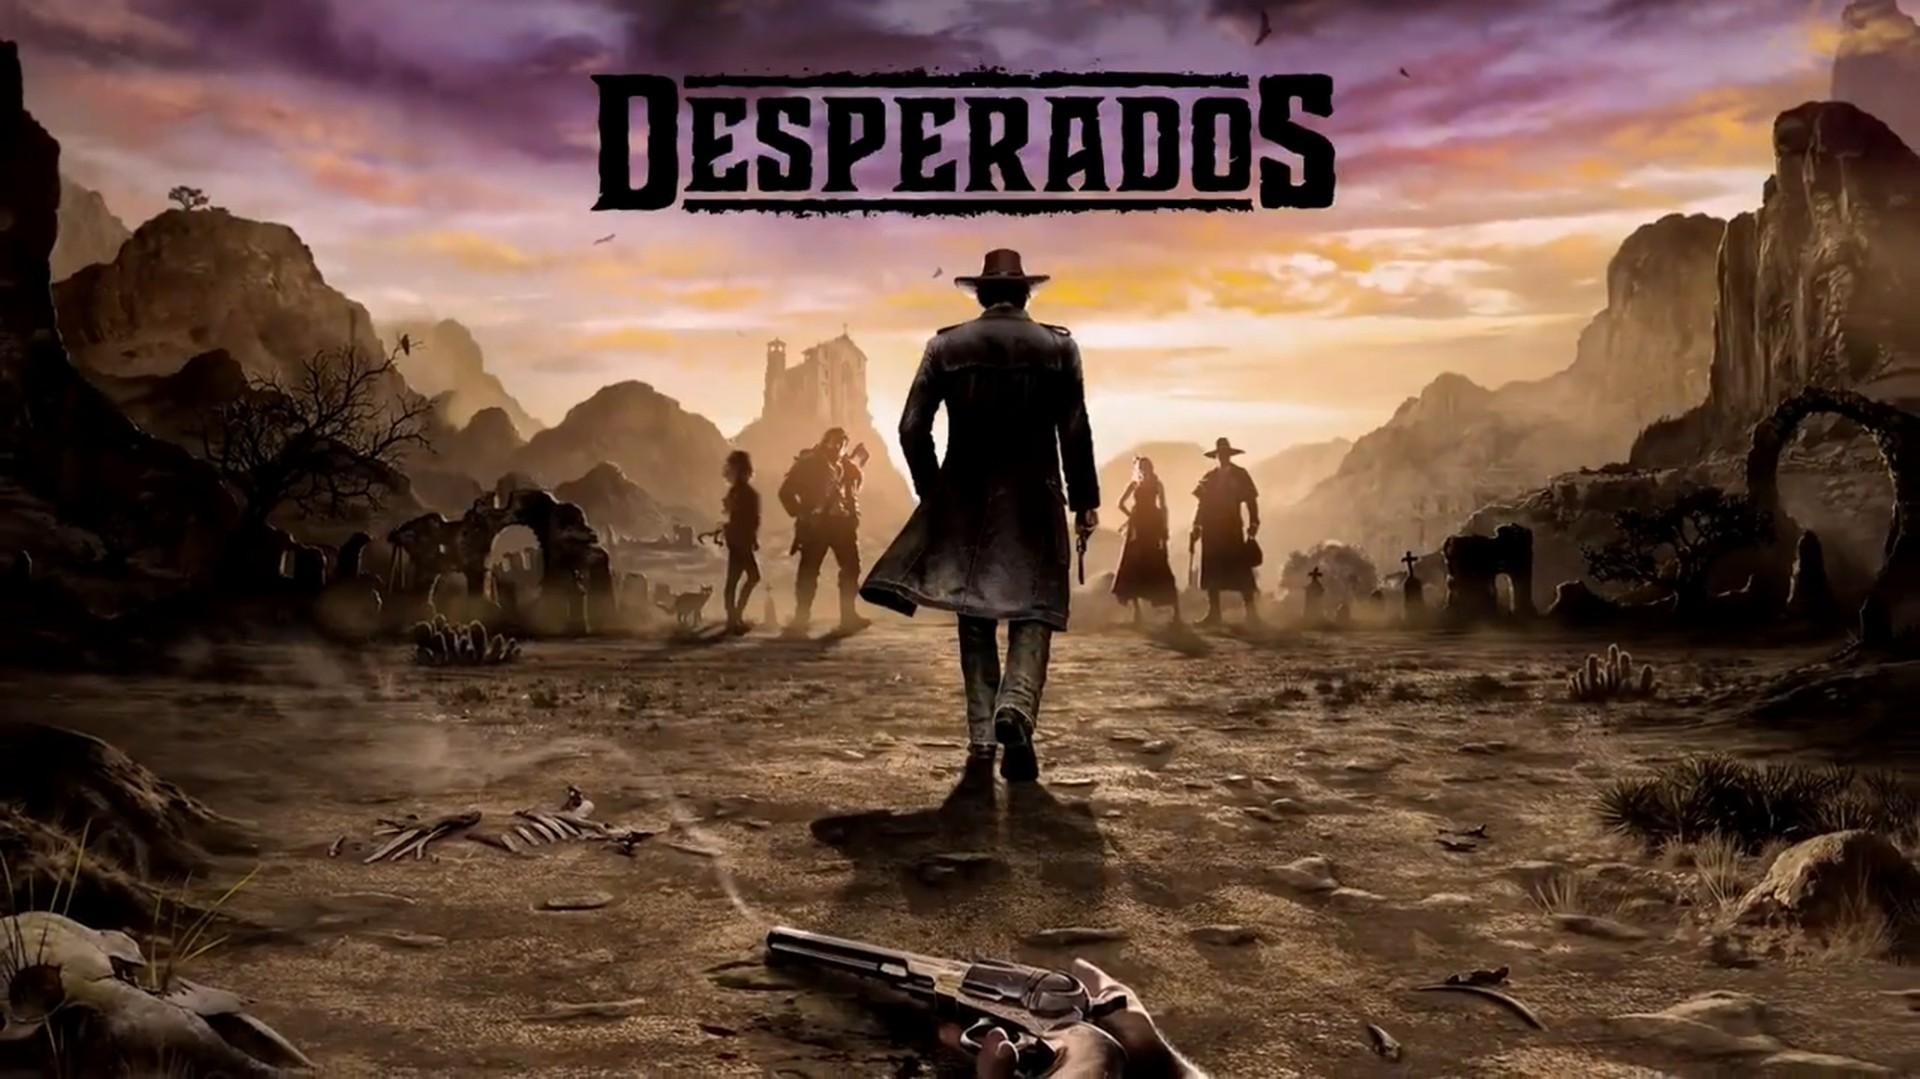 <b>THQ新作《赏金奇兵3》公布 牛仔携手美女击杀敌人</b>